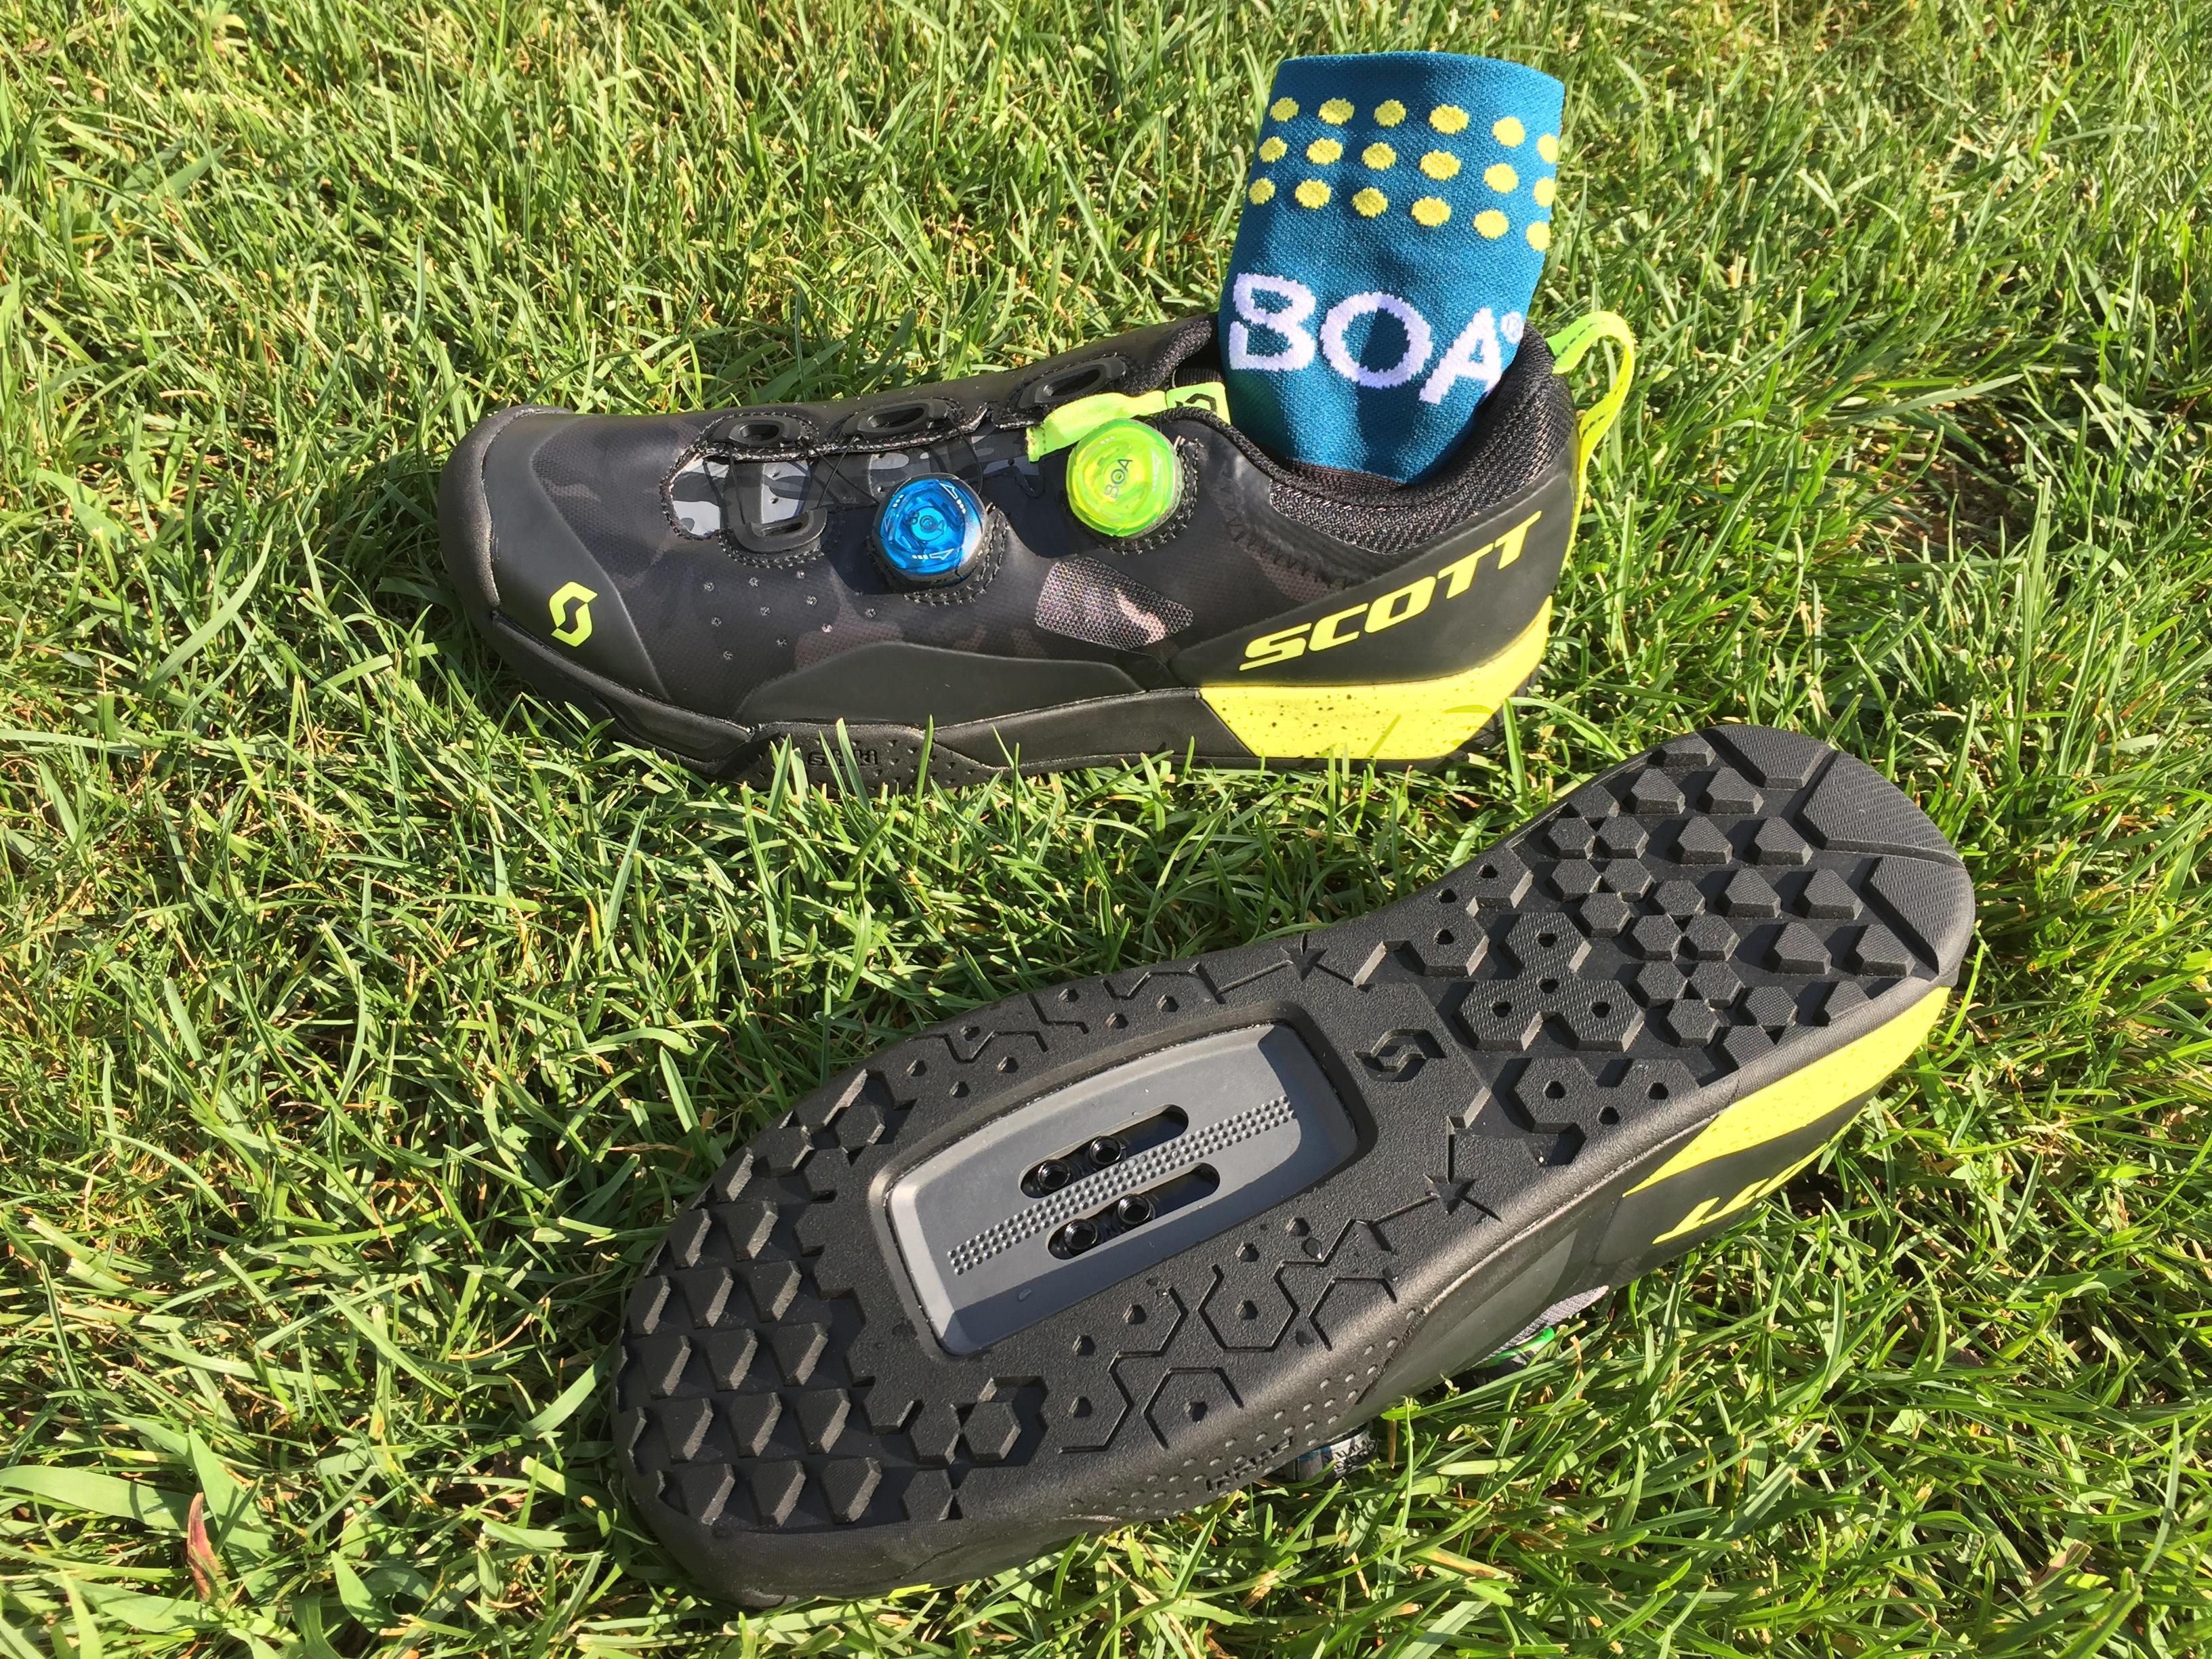 più alla moda nuovo stile del 2019 il prezzo rimane stabile Scott AR Boa Clip - Test scarpe mtb Trail/AM - MTB Test Central